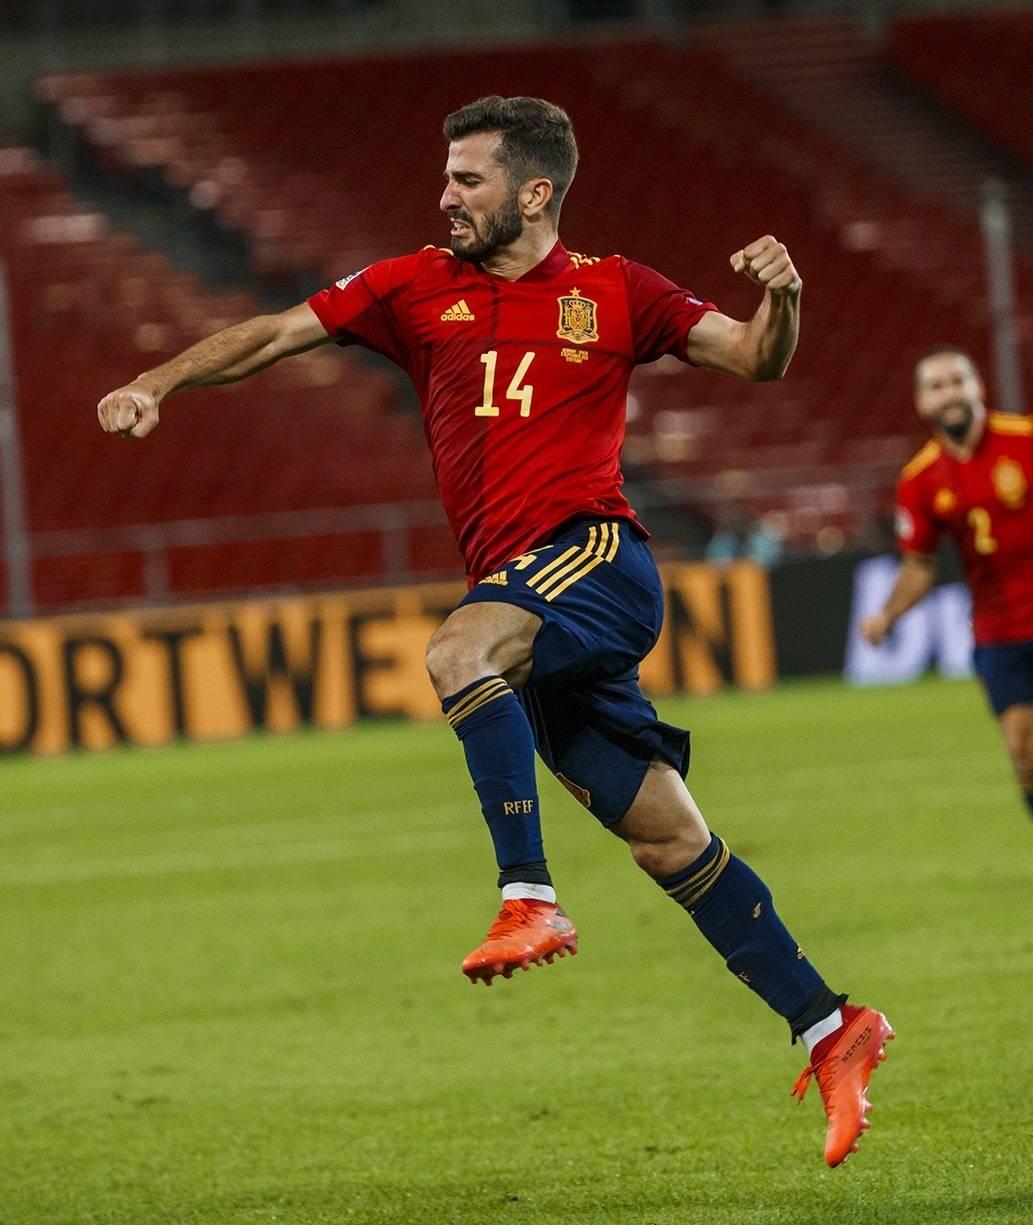 欧国联第一轮比赛德国队1:1西班牙人队,维尔纳与加亚各进一球-5